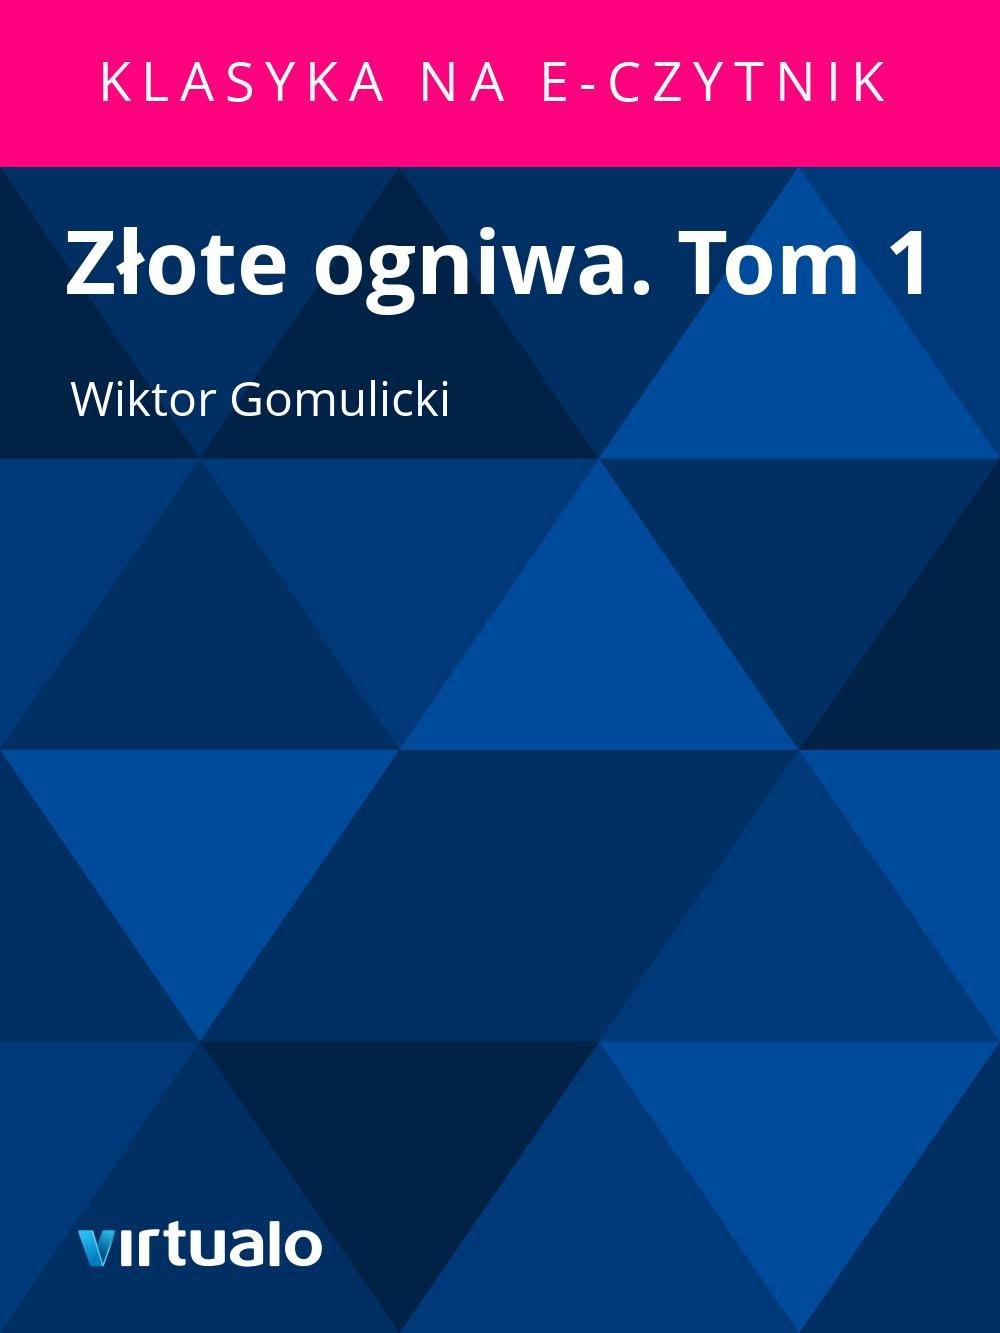 Złote ogniwa. Tom 1 - Ebook (Książka EPUB) do pobrania w formacie EPUB